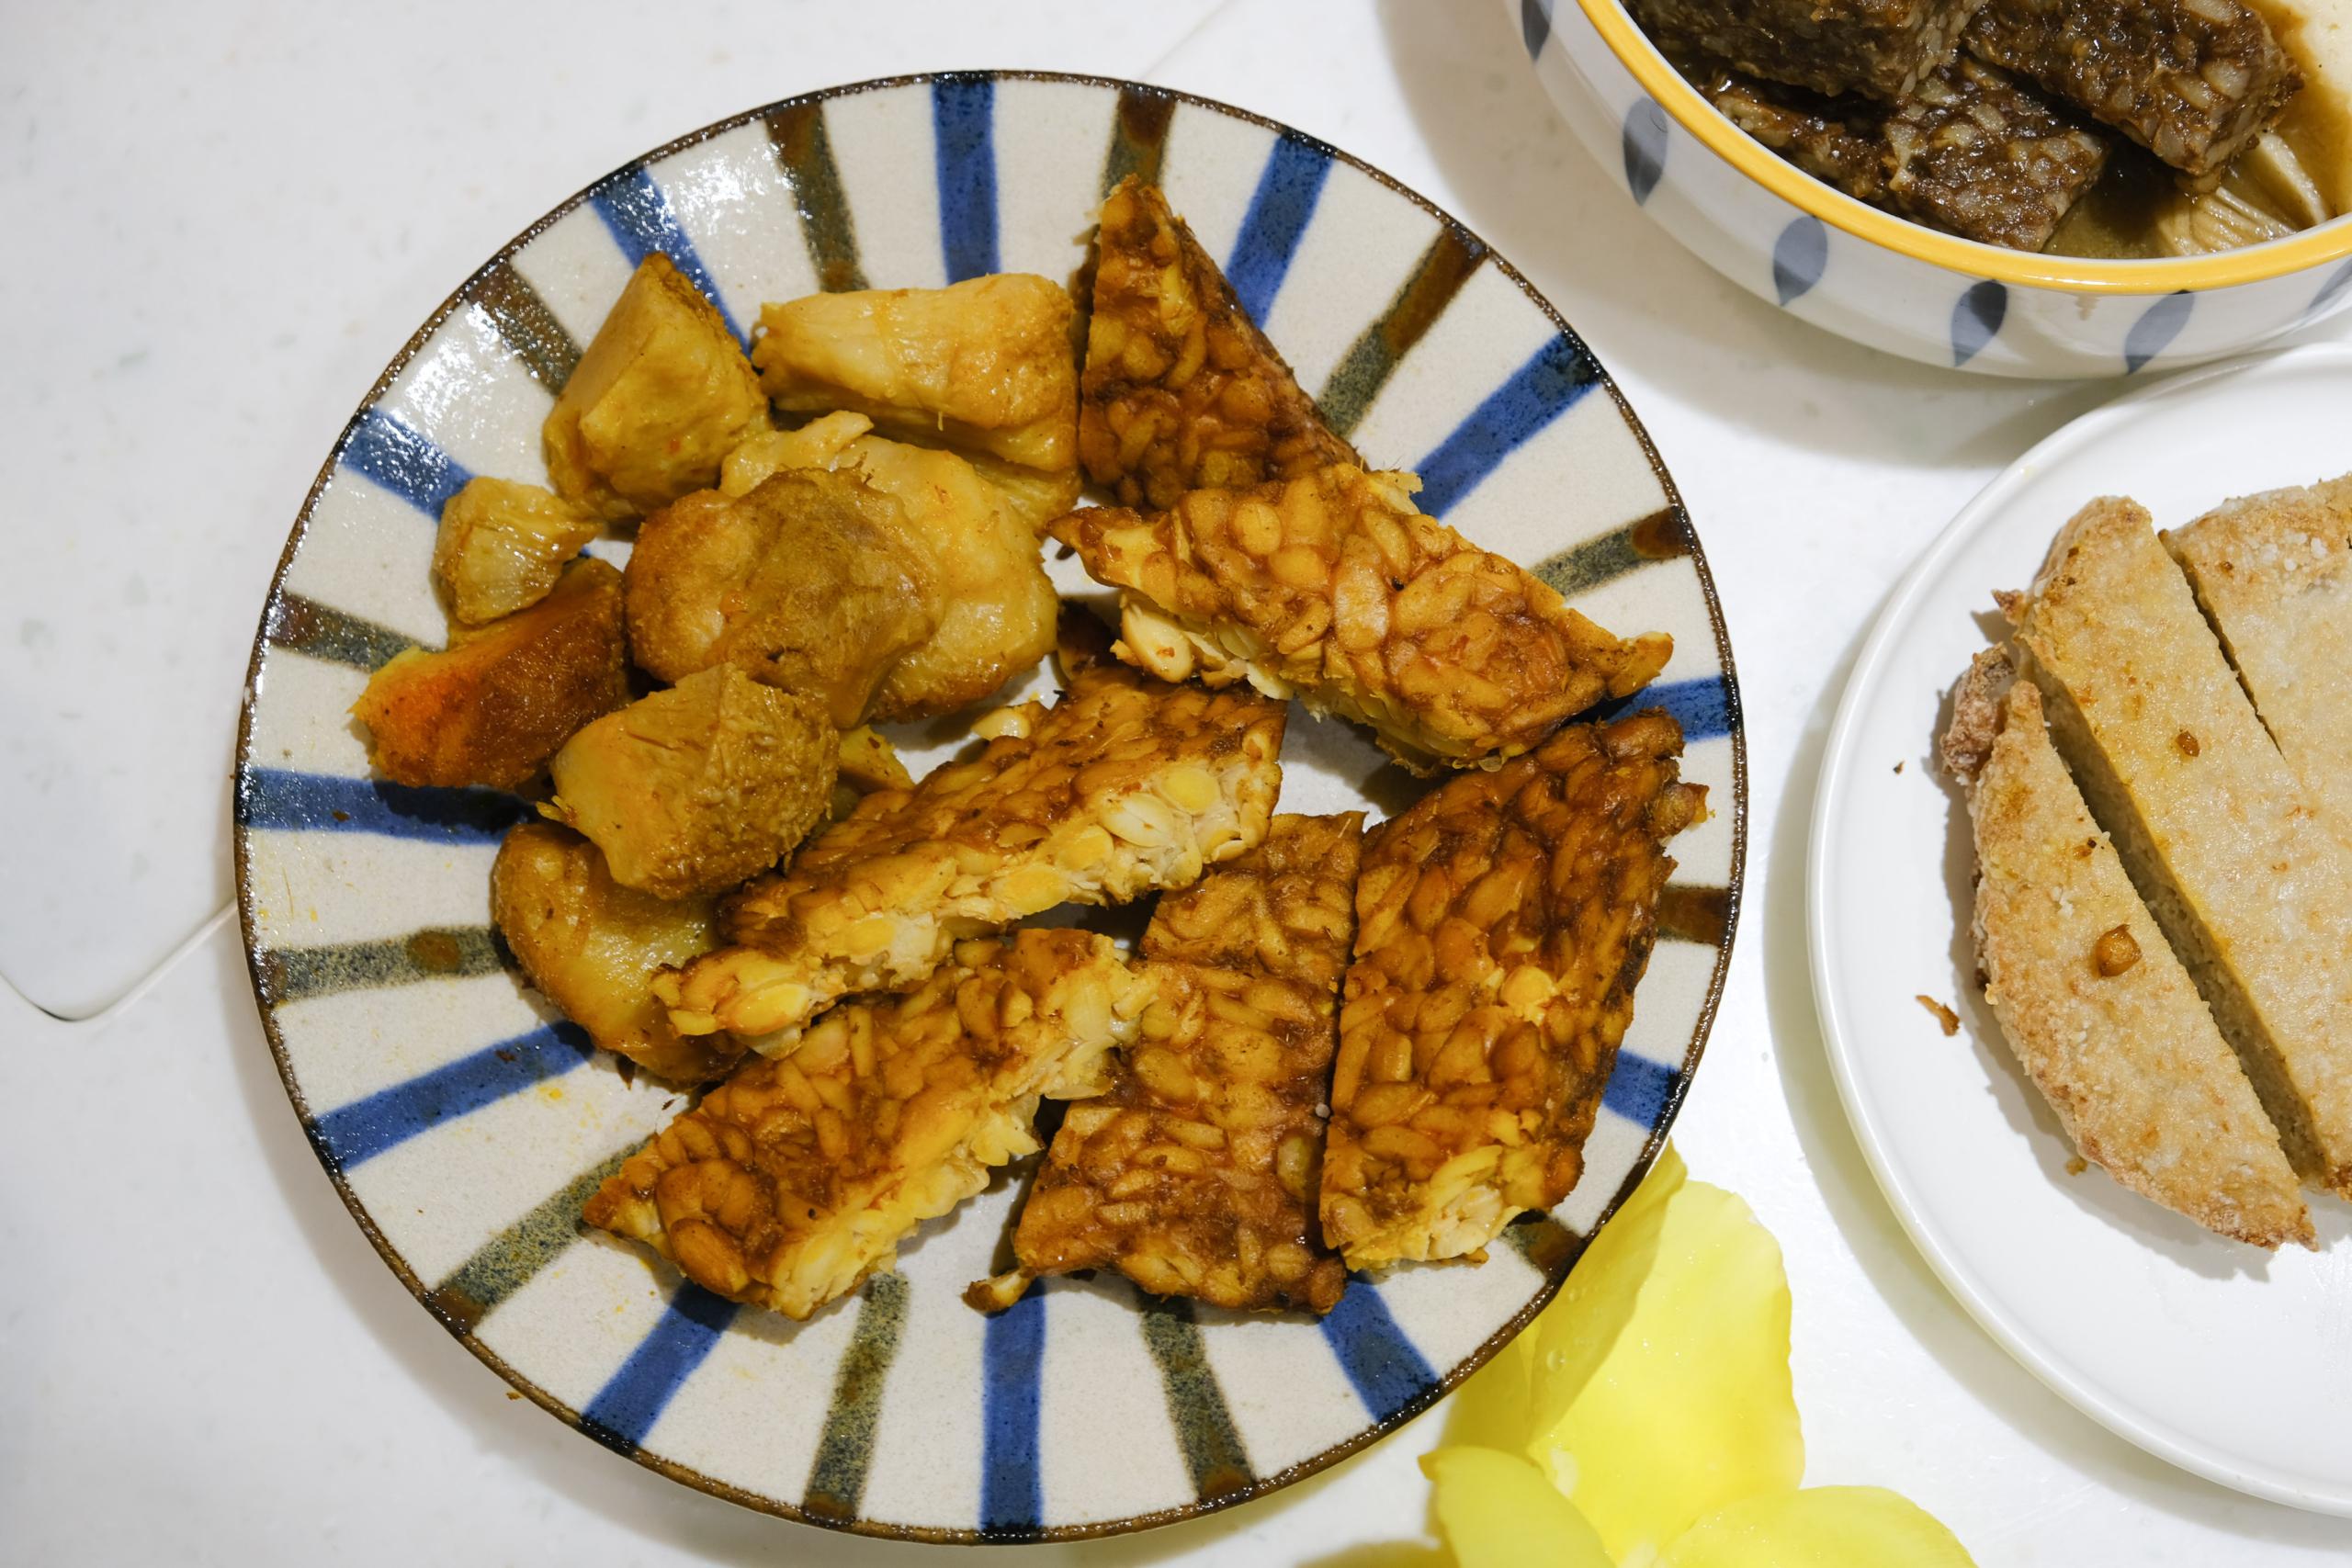 有夠g排, 冷凍素食, 樂福食代, 素米血, 素雞排, 天貝, 宅配素食